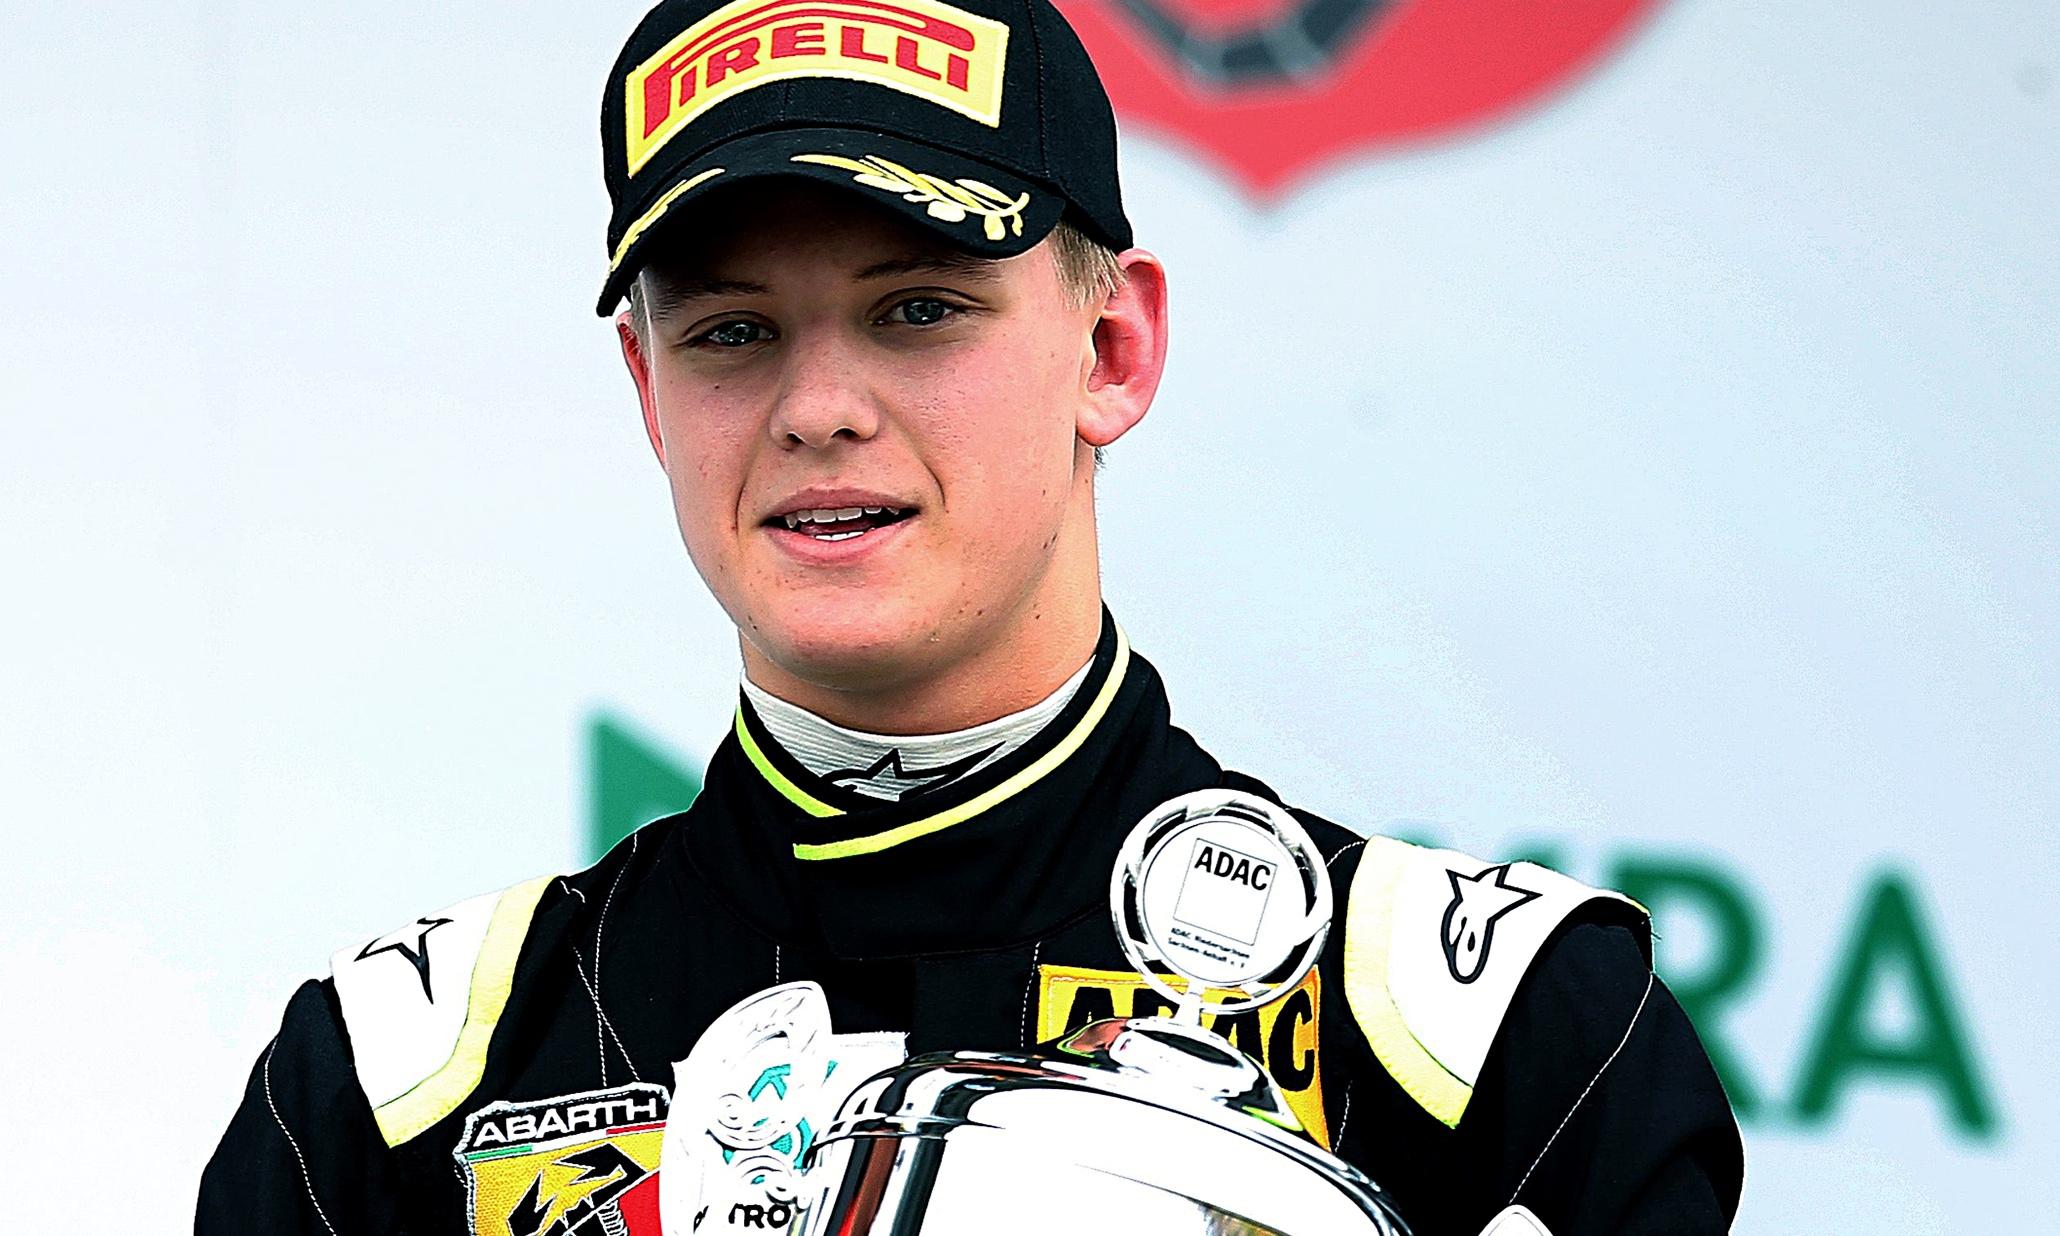 Mick Schumacher sarà un pilota della Formula Uno?